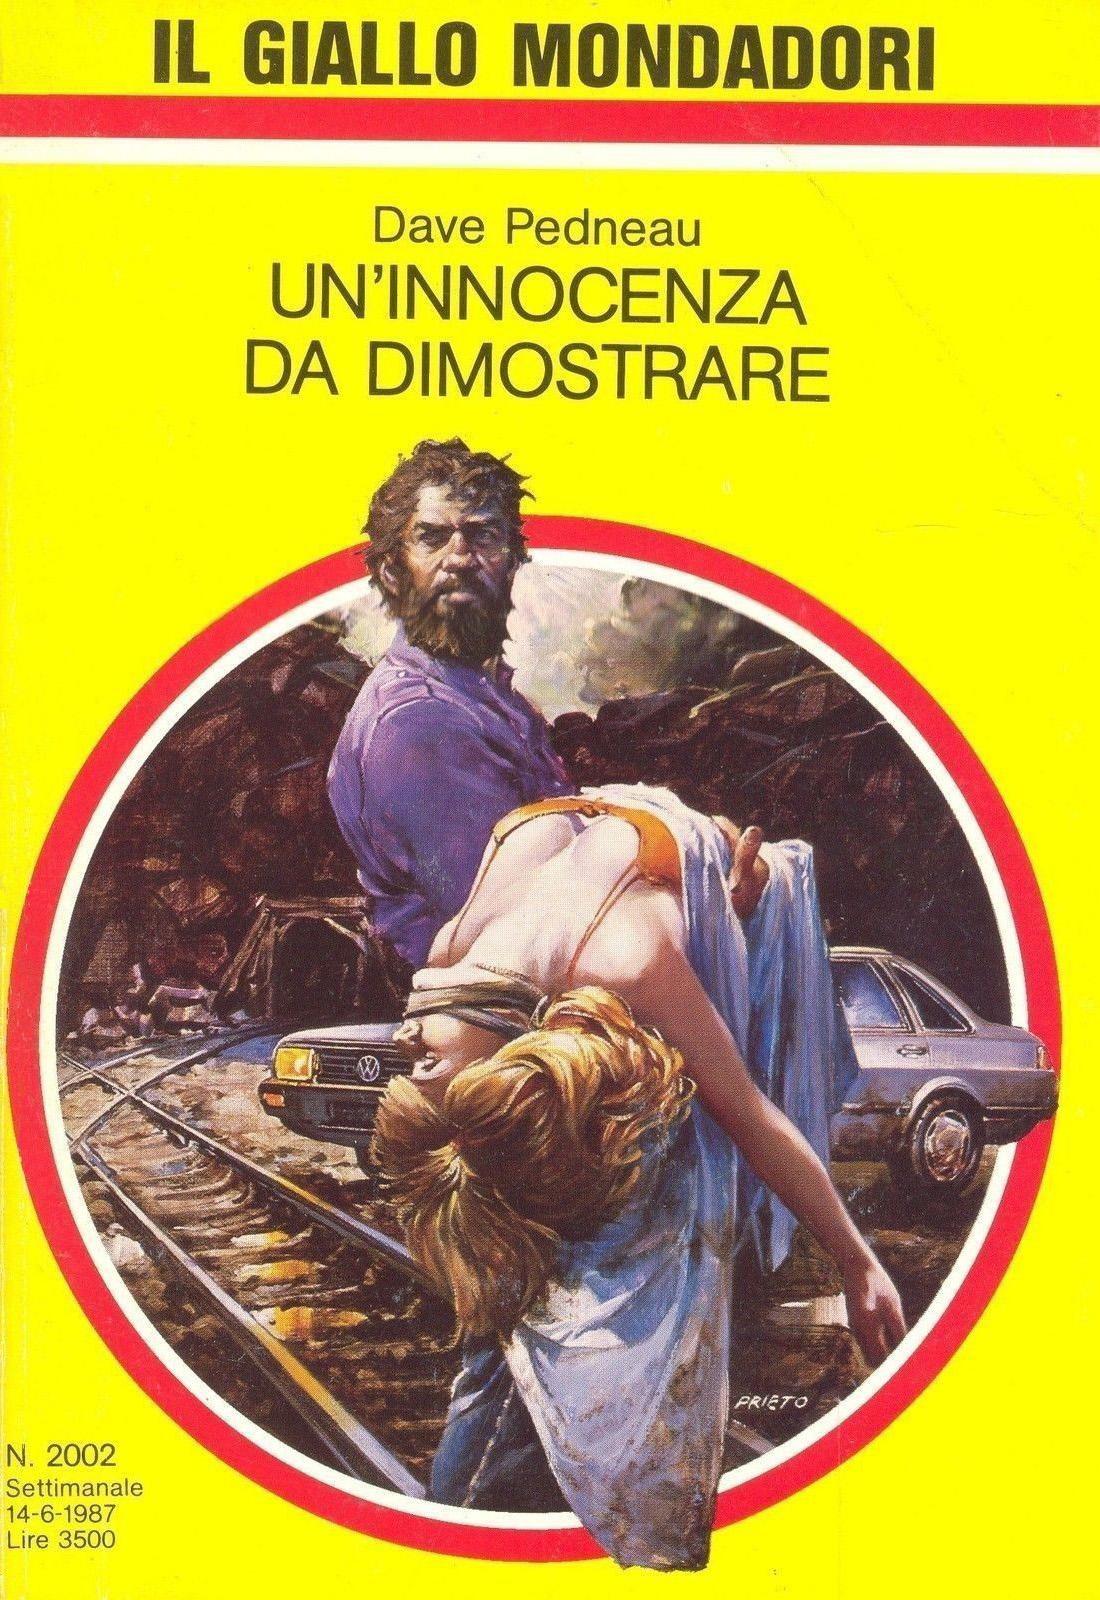 Innocenza by trichyda